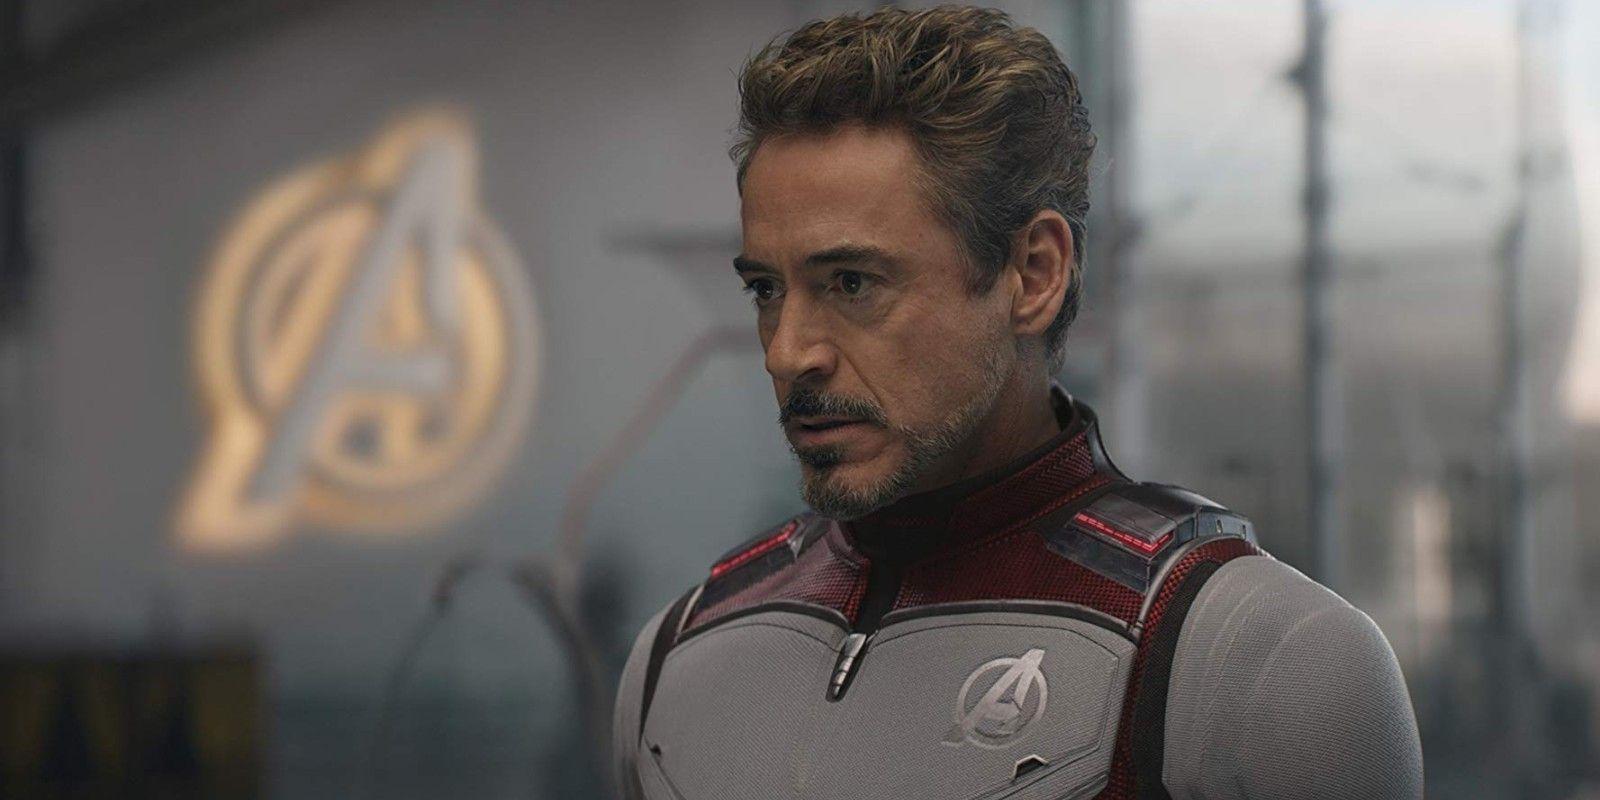 Endgame Easter Egg May Reveal How Tony Stark Solved Time Travel